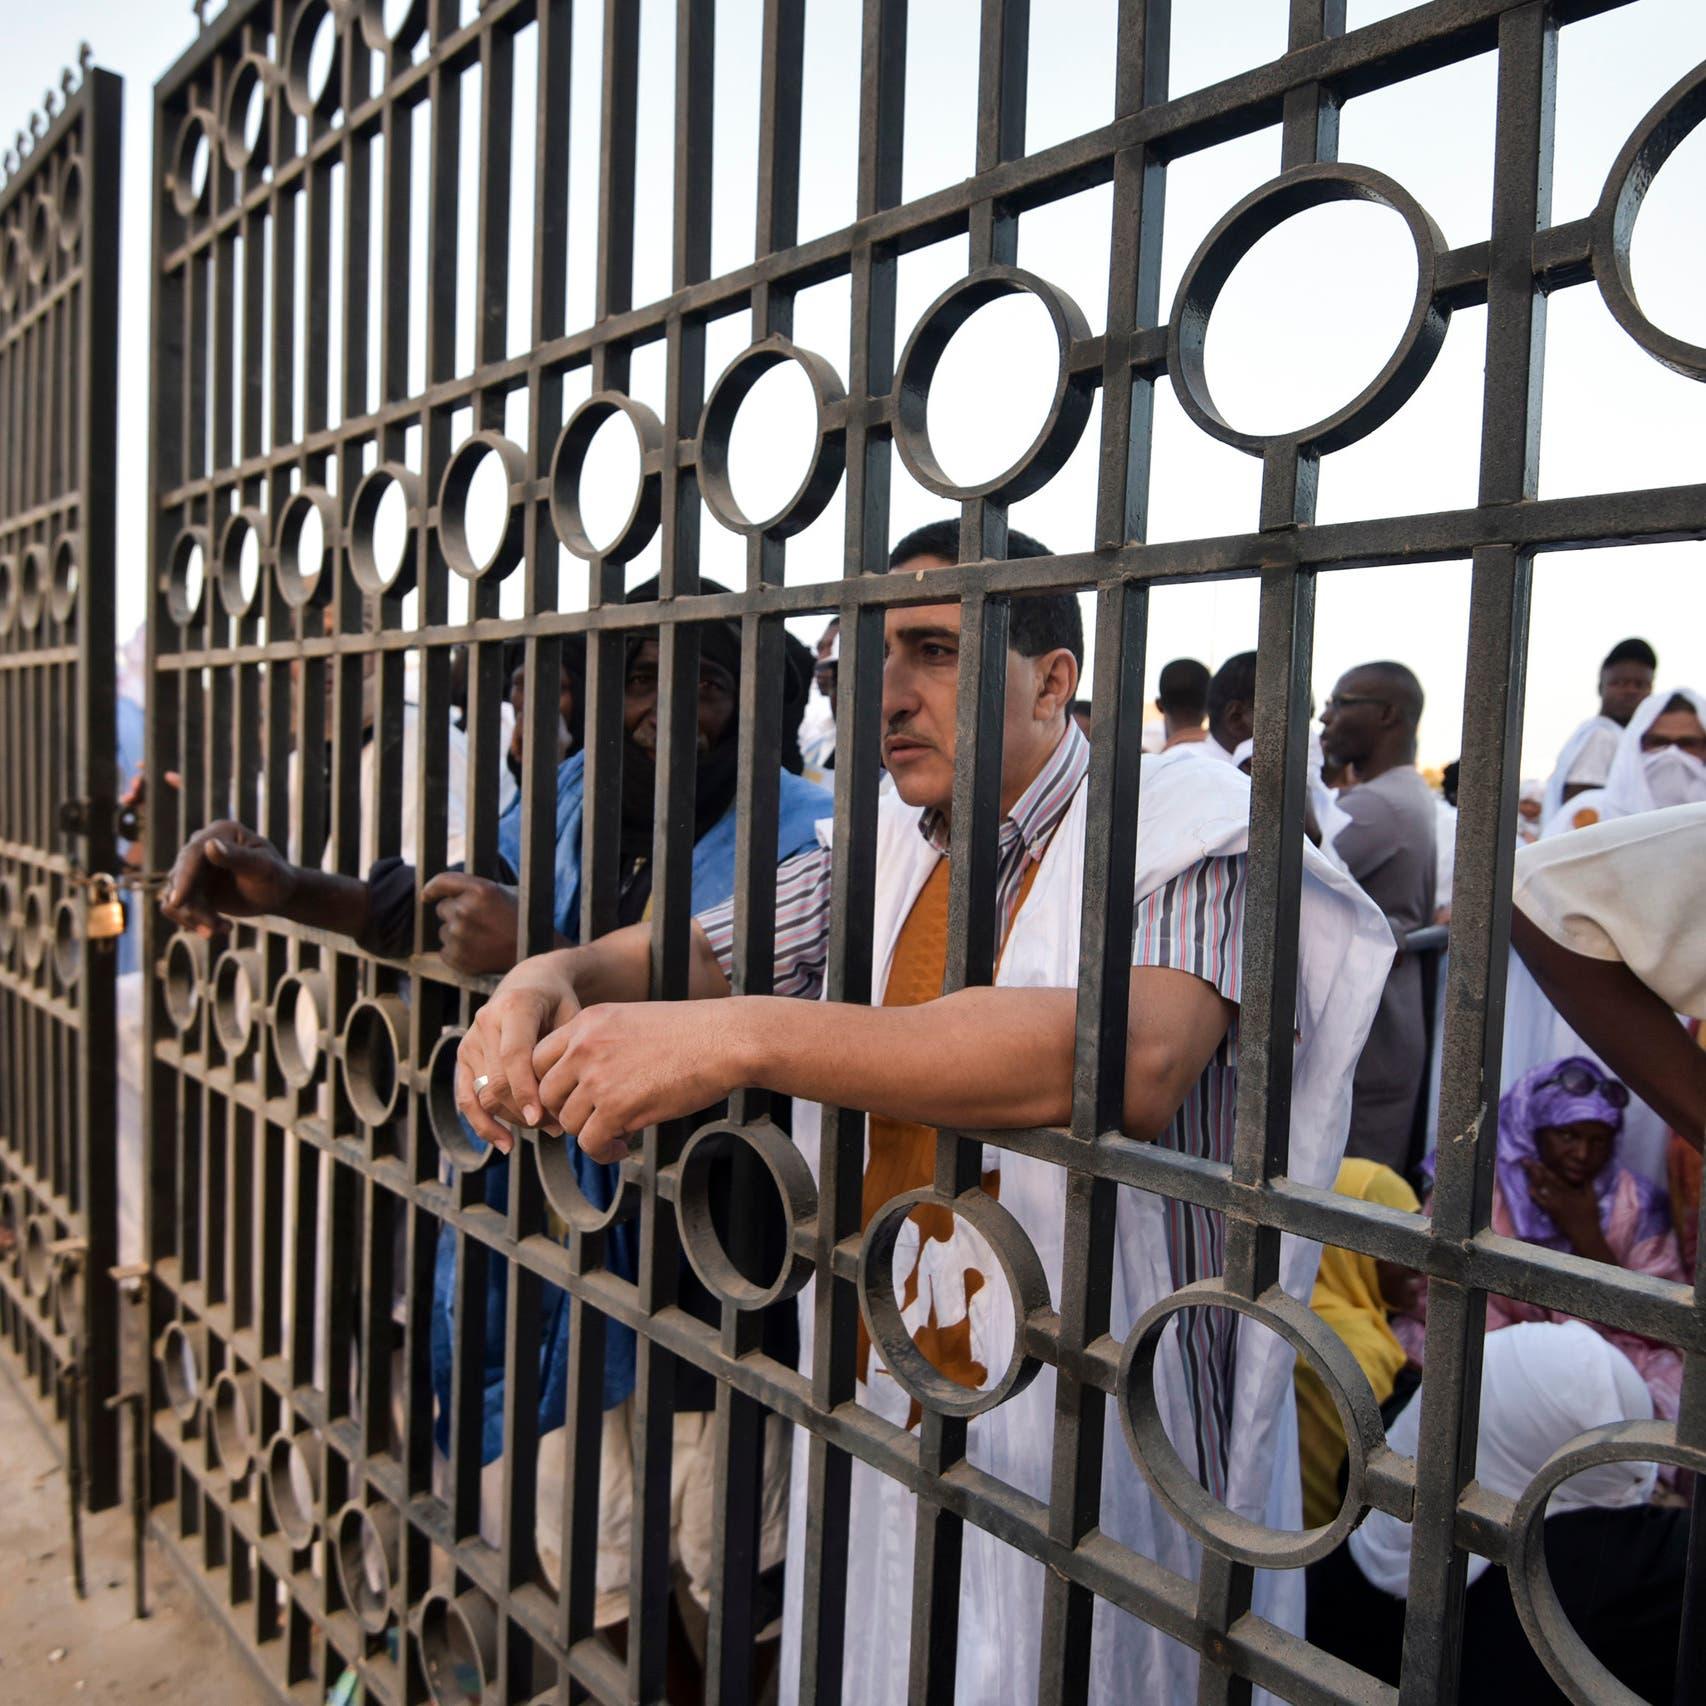 قبل ساعات من التصويت.. من يتنافسعلى رئاسة موريتانيا؟